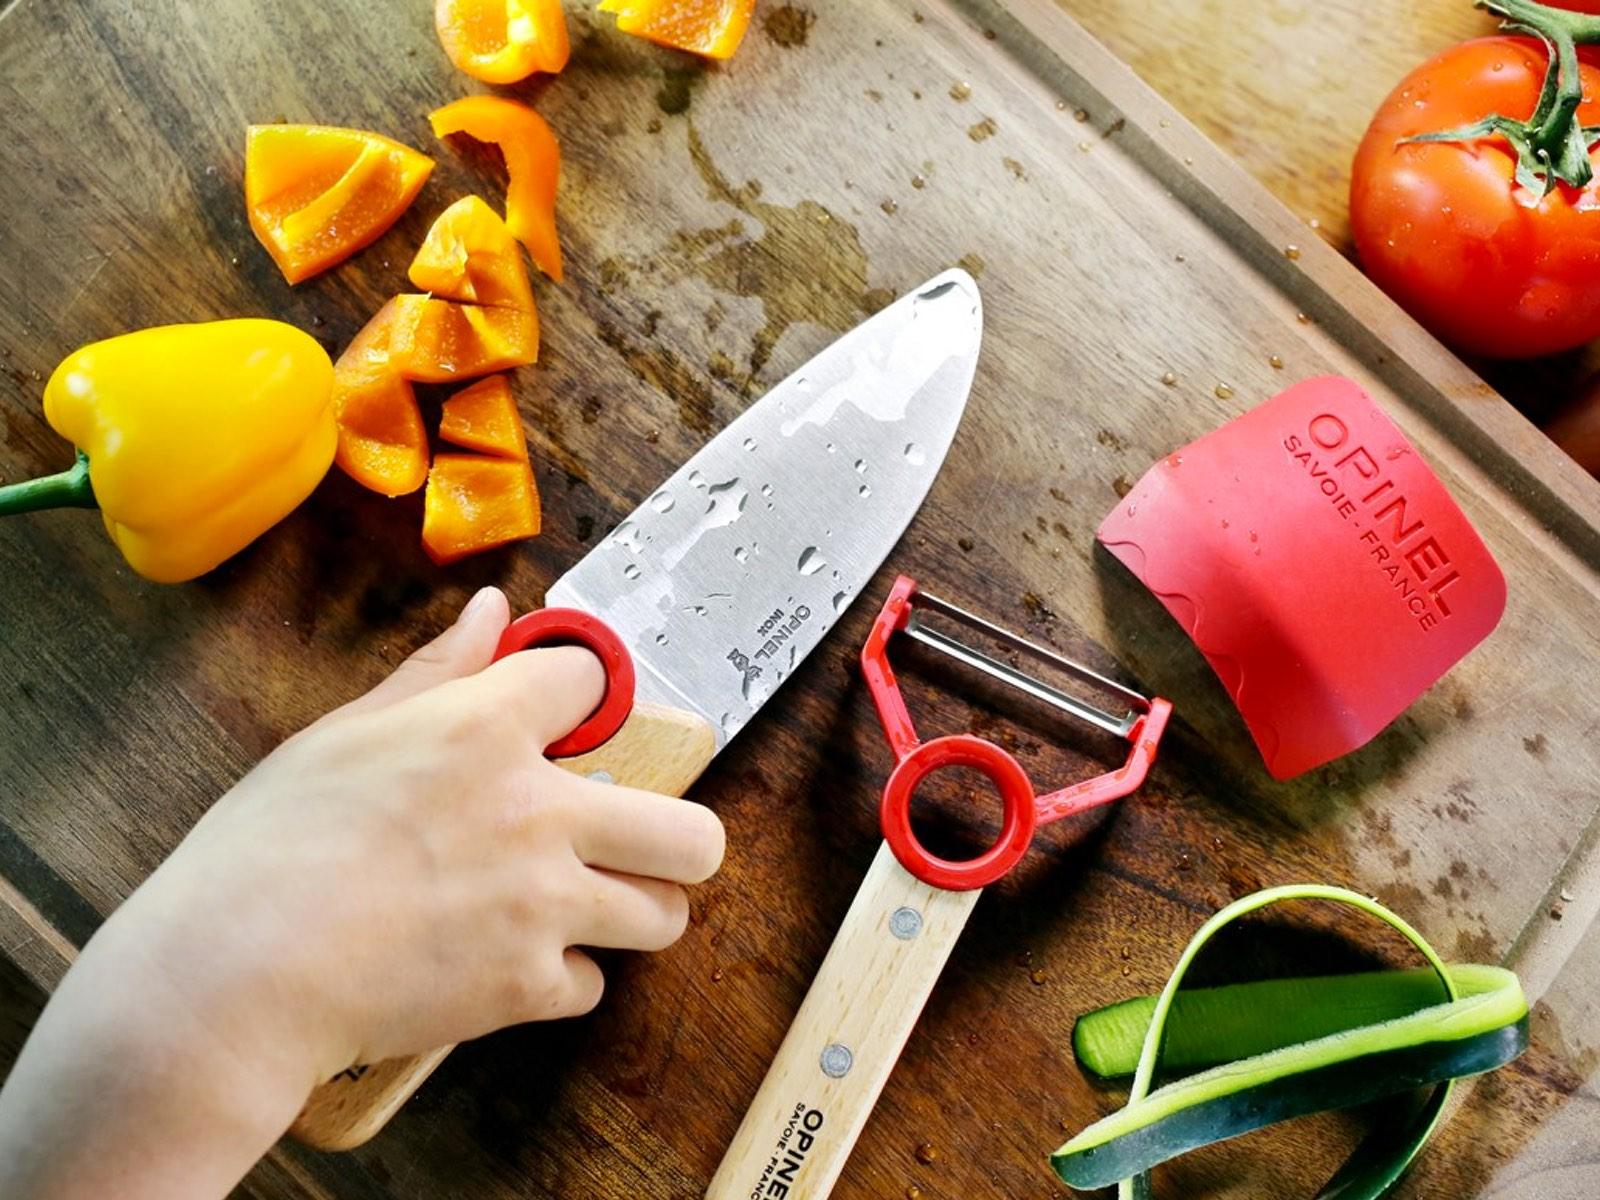 Ook de kleinsten helpen mee in de keuken met Le Petit Chef van Opinel